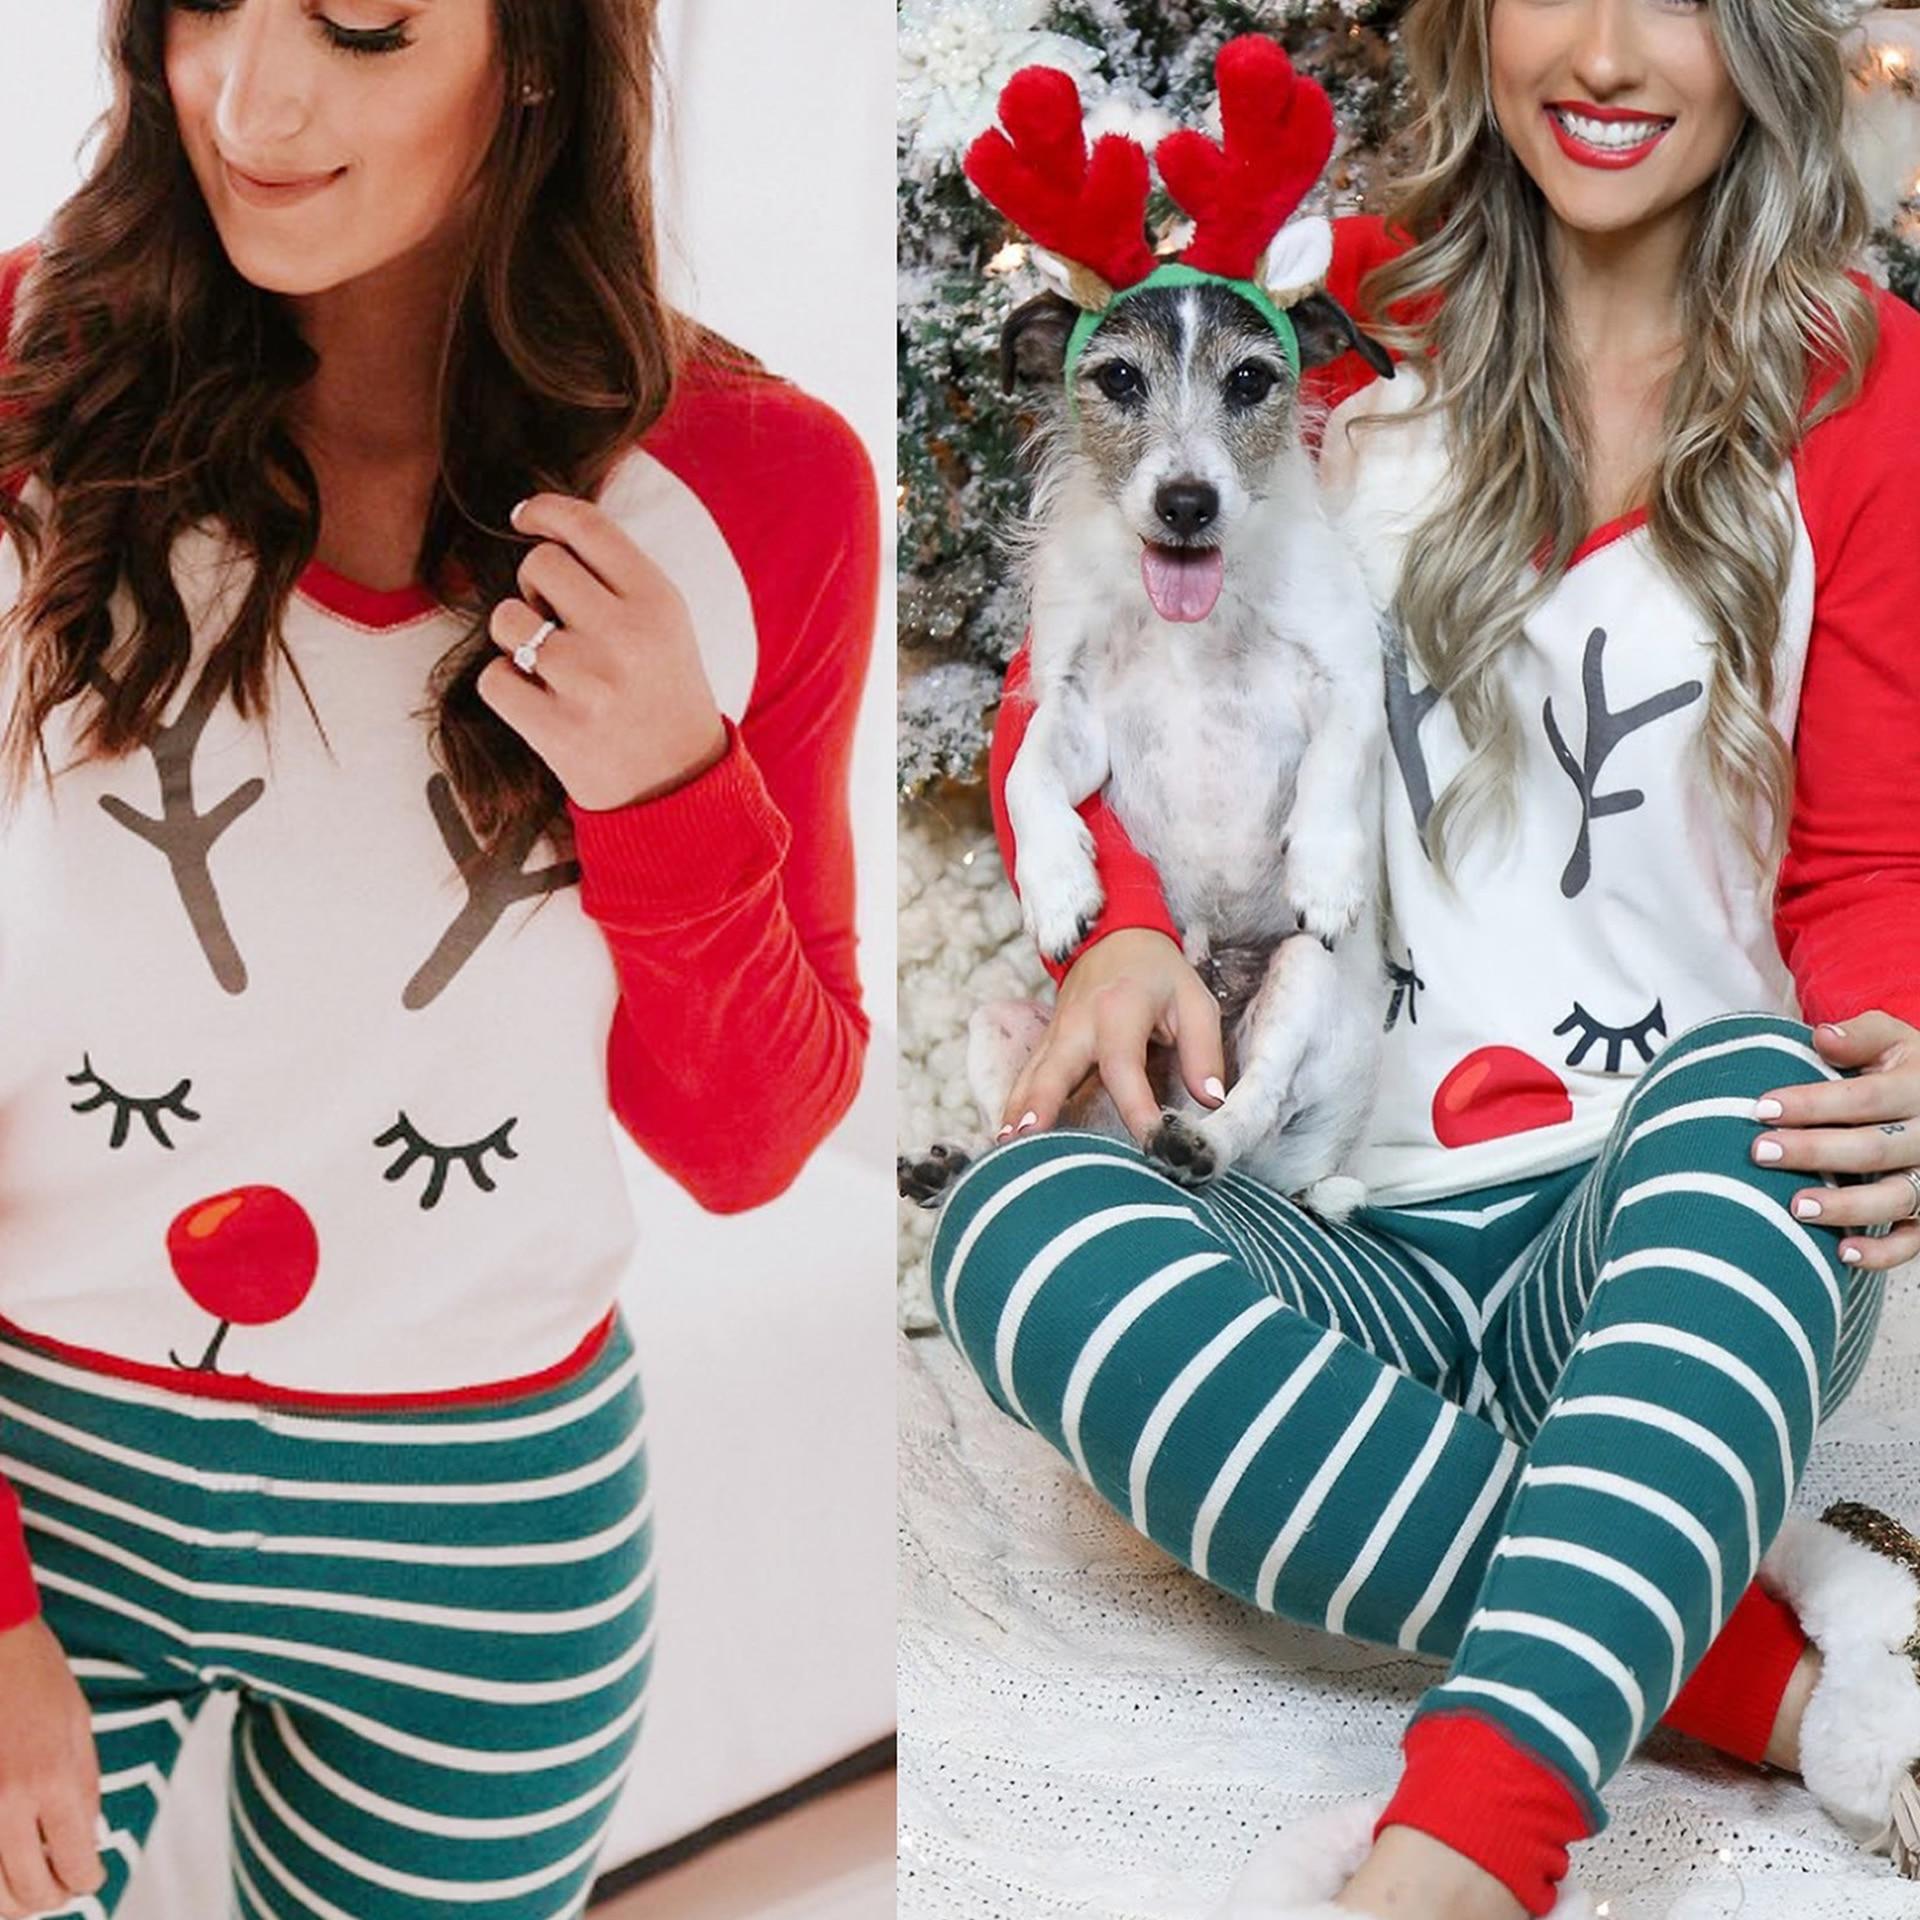 2019 New Christmas Pajamas For Women Winter Christmas Deer Printed Pajama Sets Girls Cute Tops And Pants Kawaii Pyjama Femme